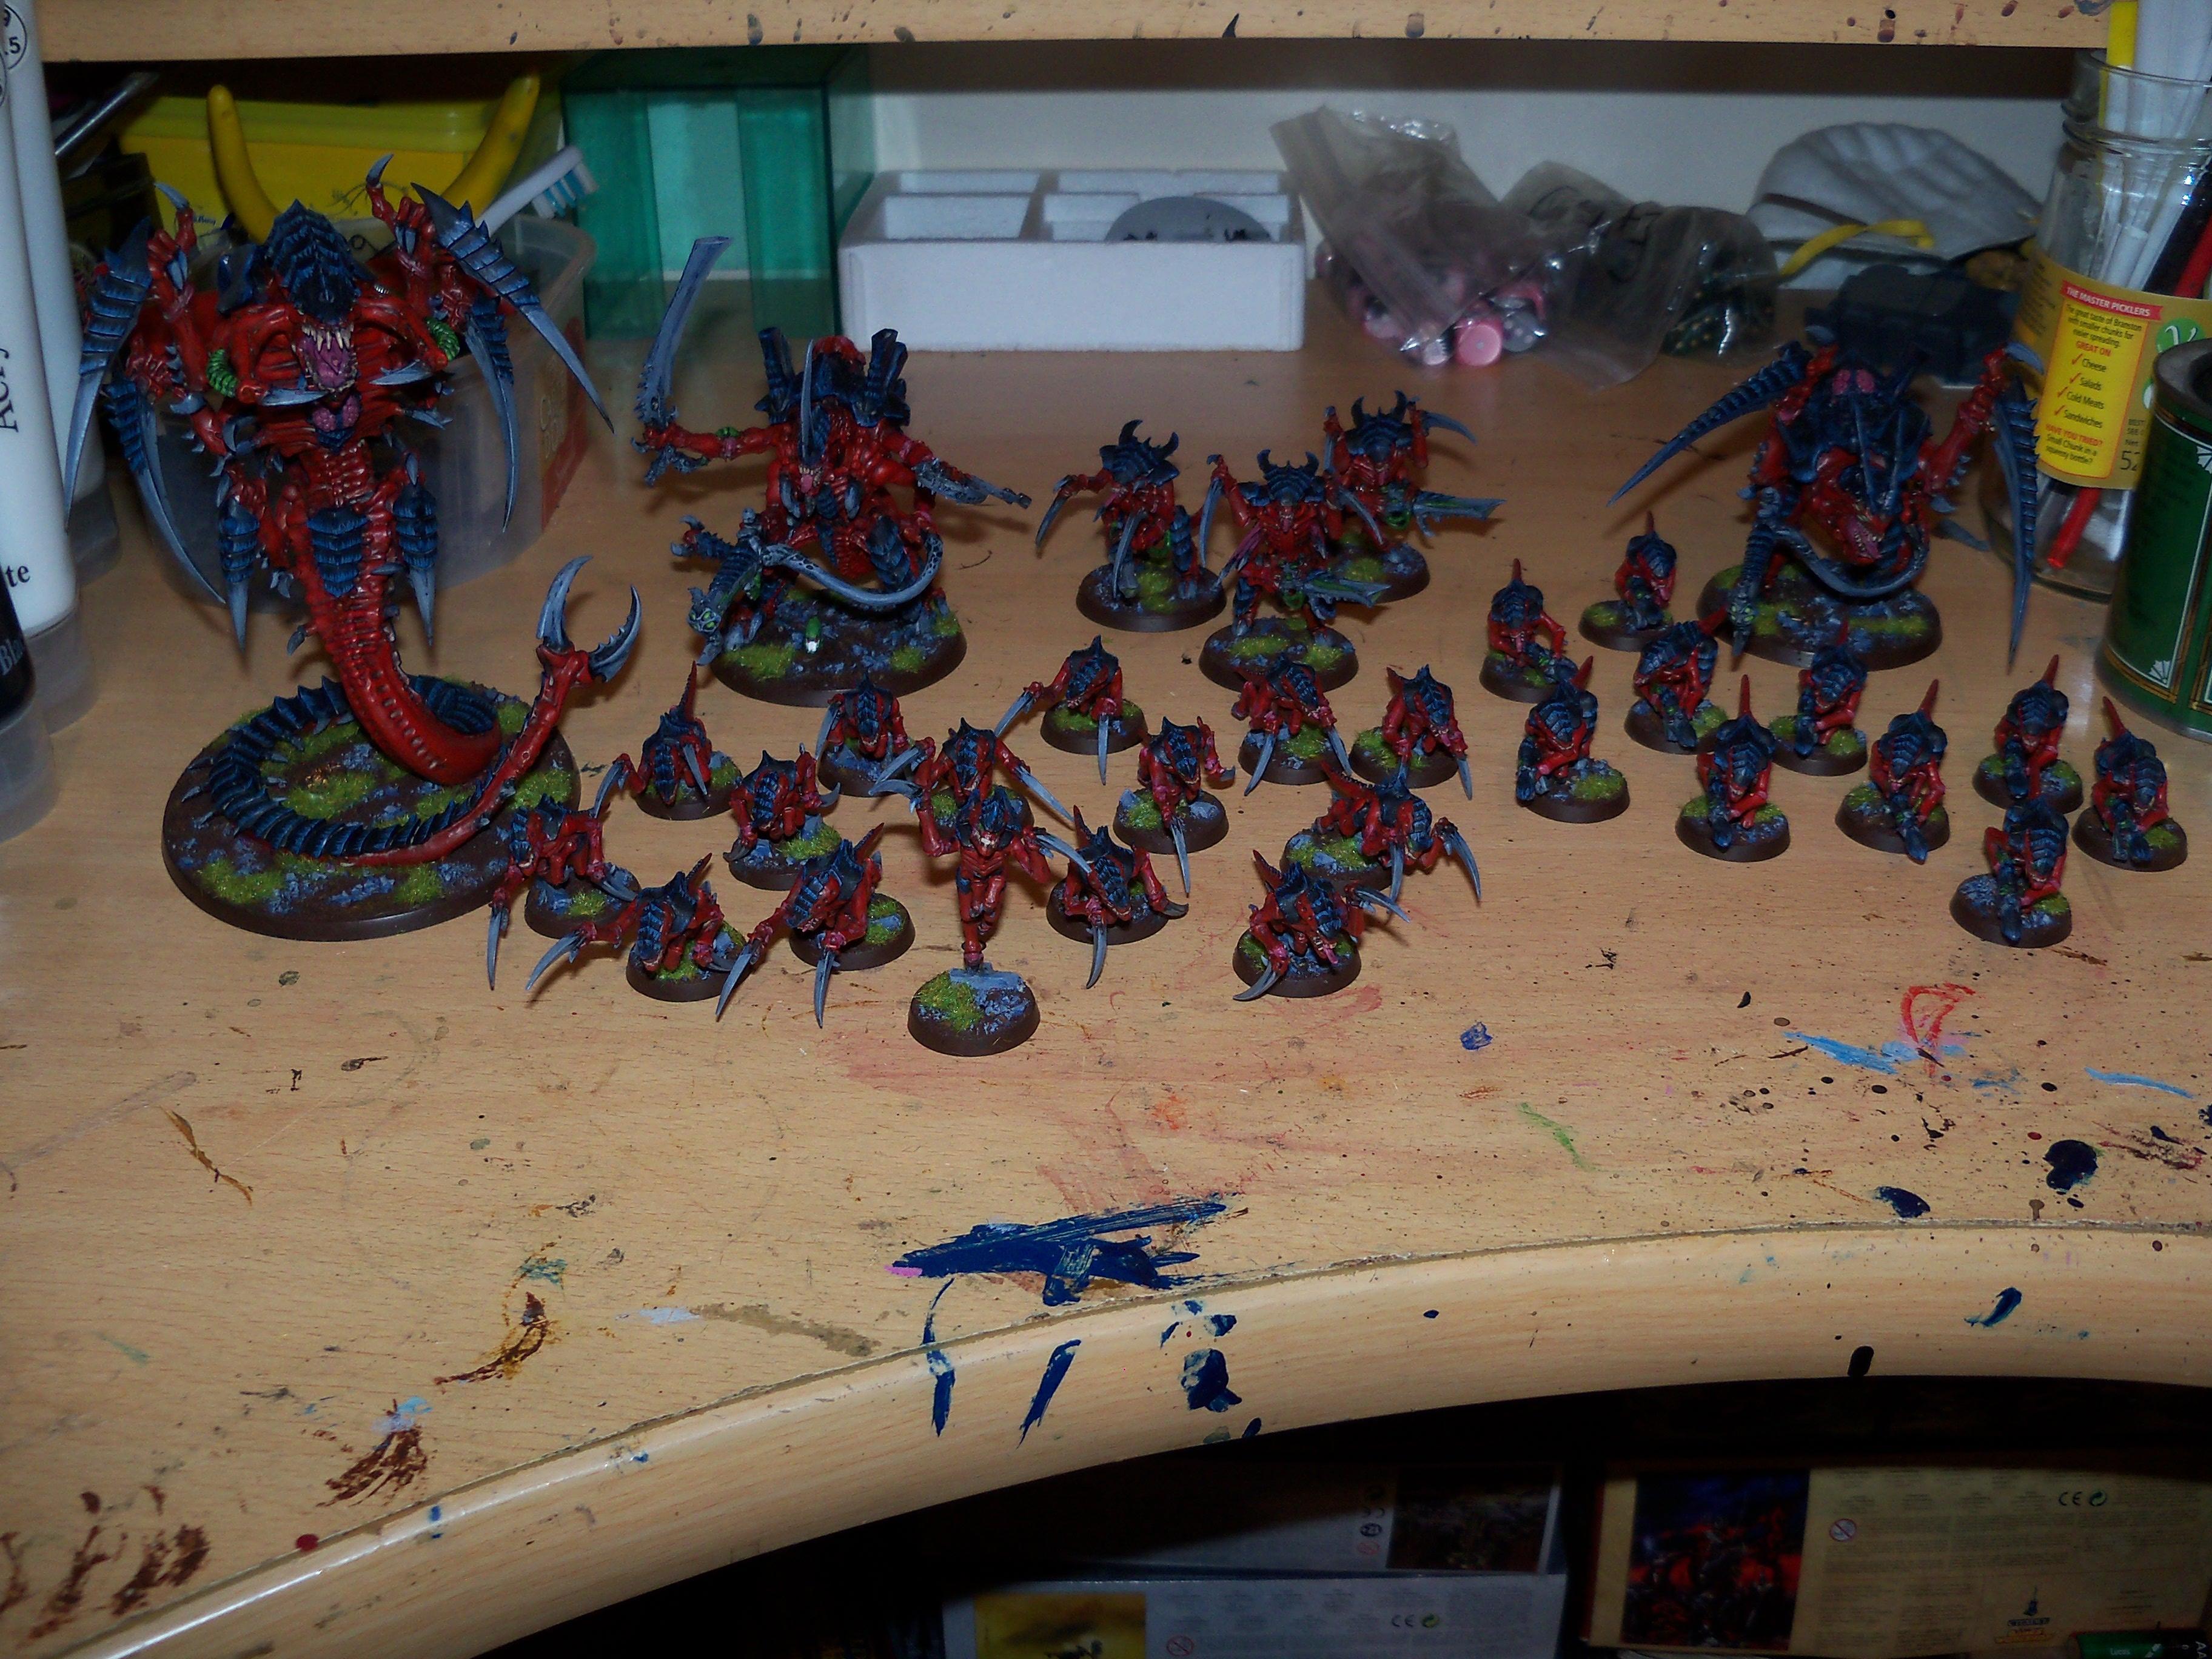 Tyranids, Warhammer 40%27000, Warhammer 40'000, Warhammer 40,000